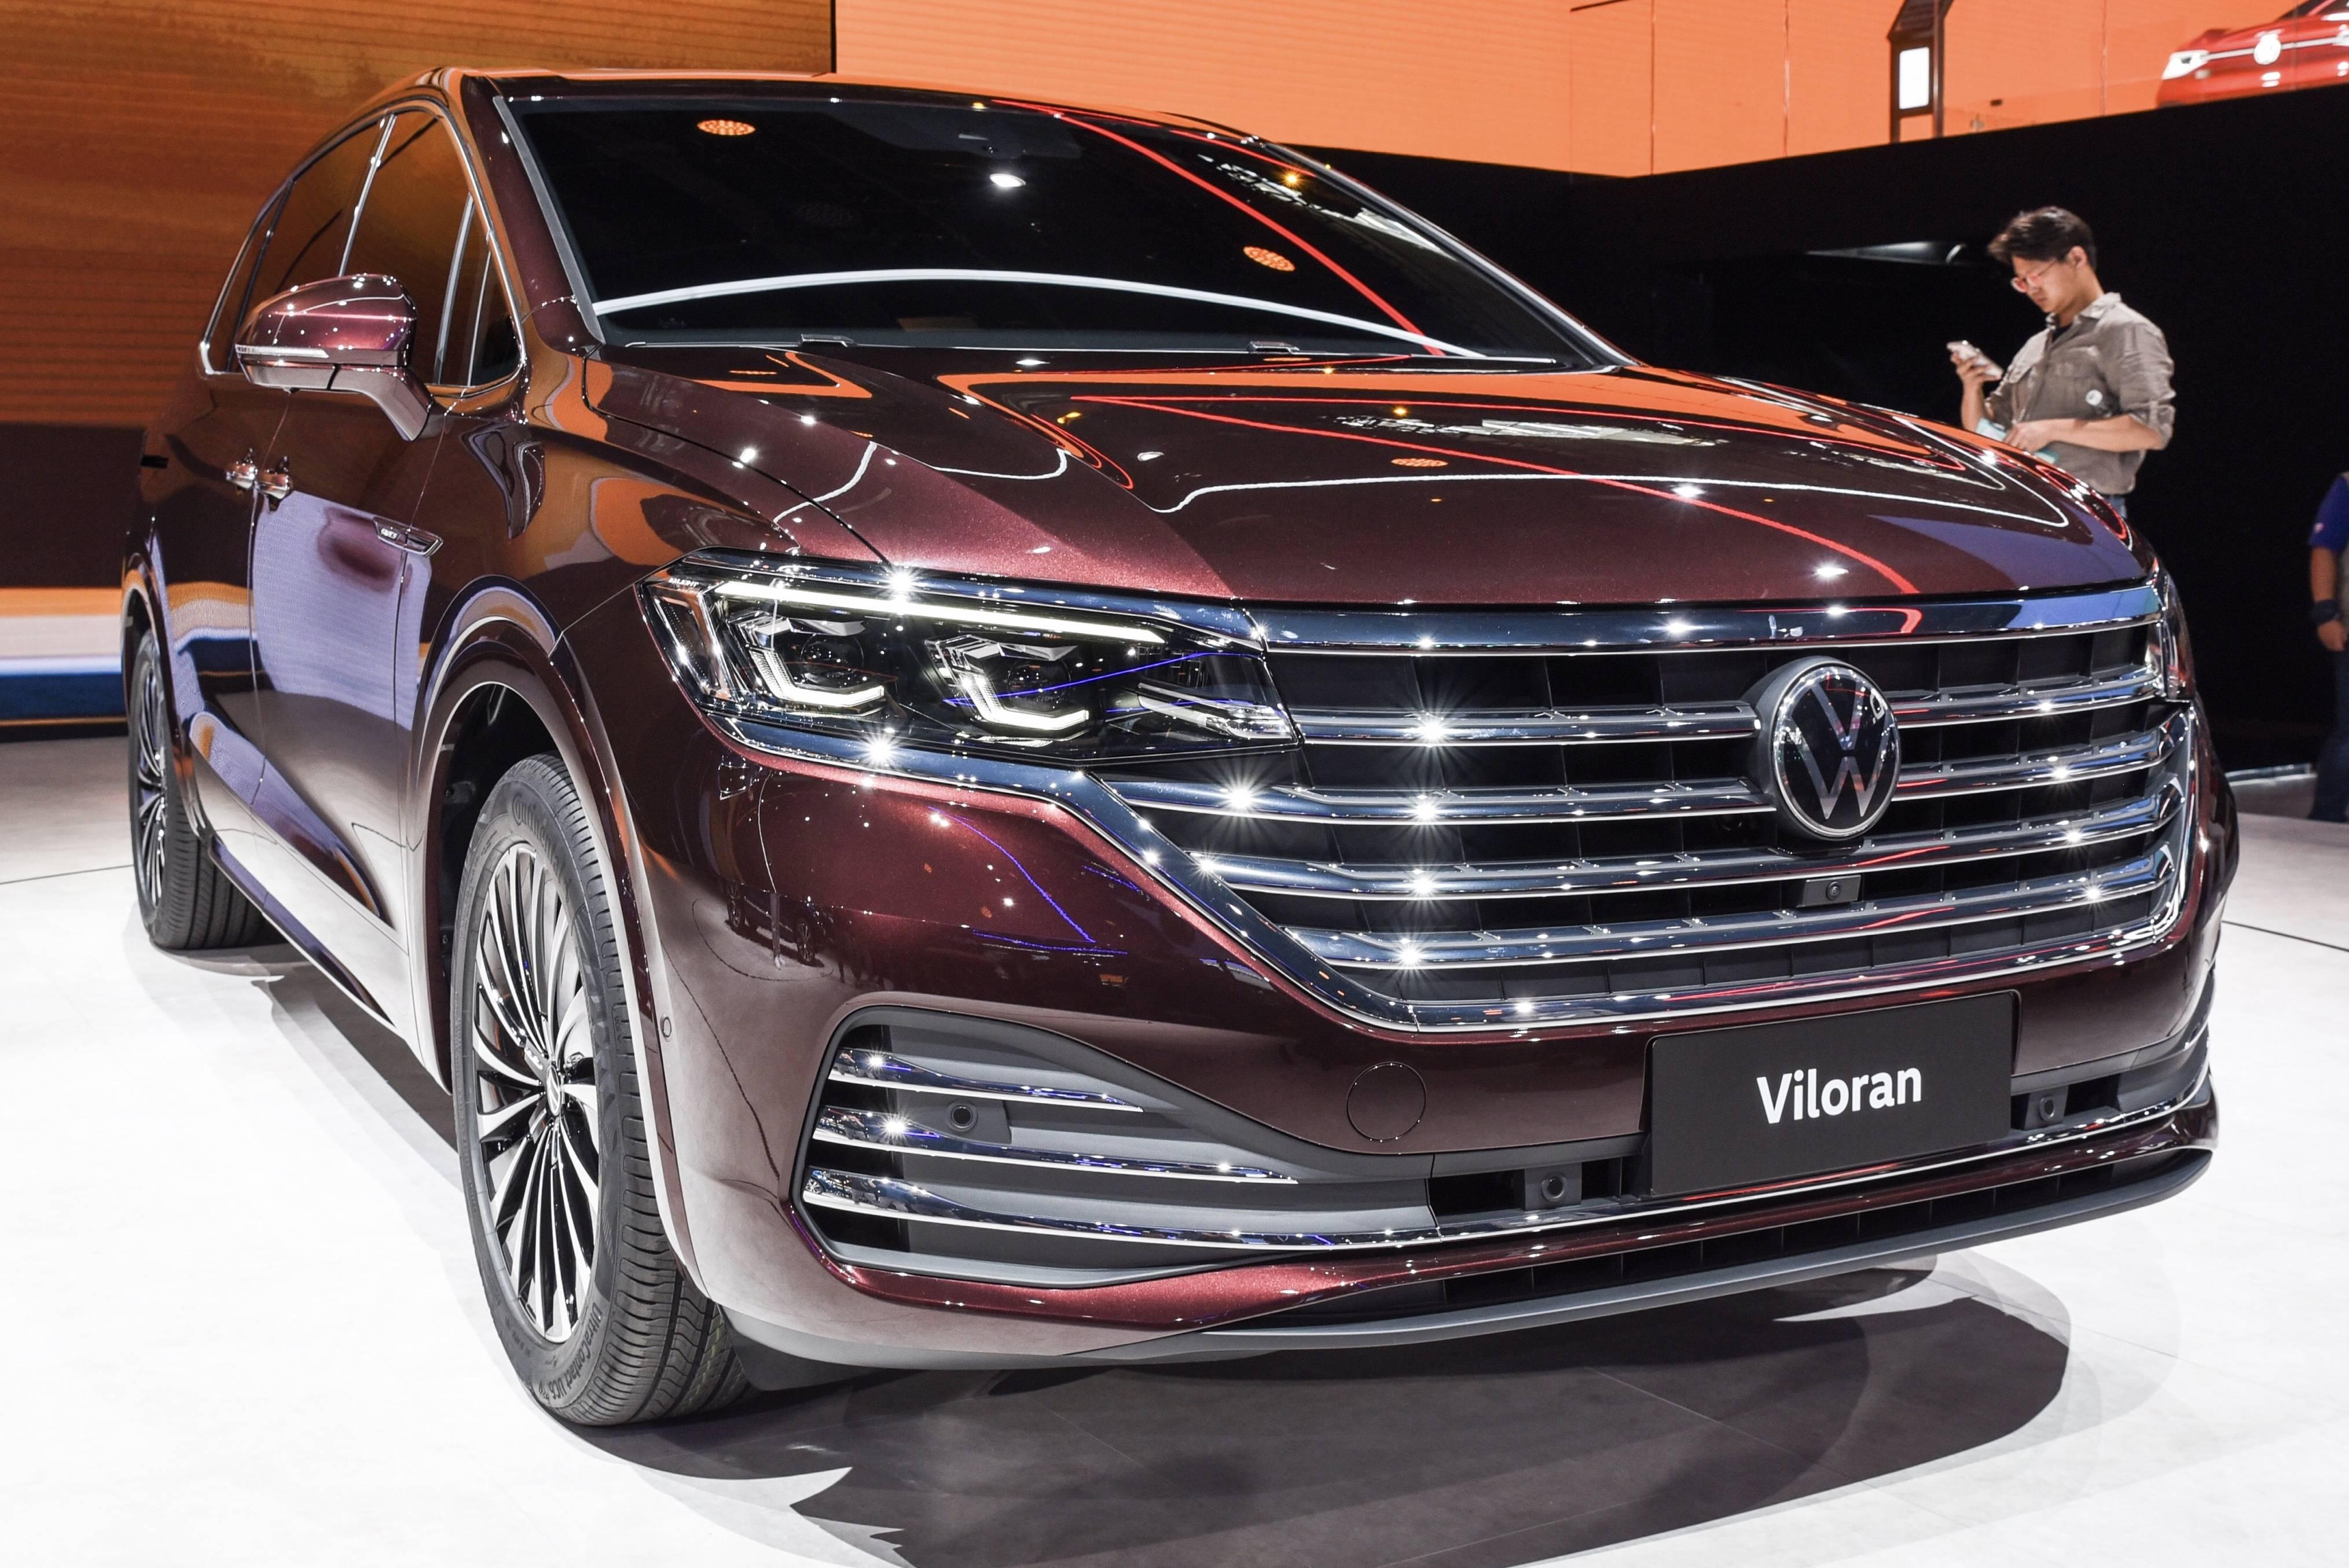 Стартуют продажи нового минивэна Volkswagen Viloran